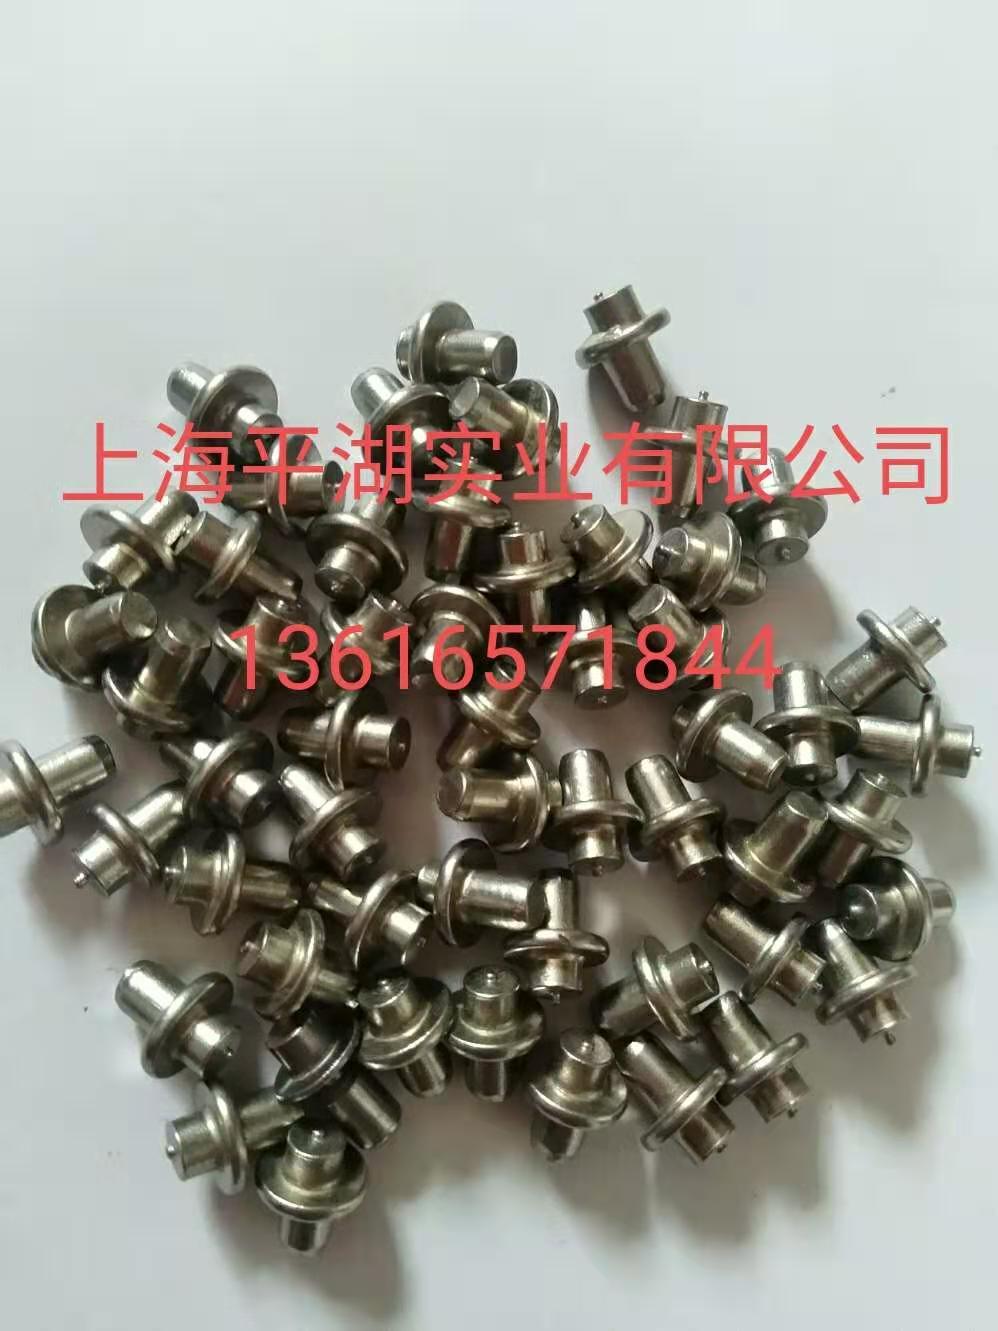 供應上海平湖標牌焊釘 安徽標牌焊釘 濟南標牌焊釘